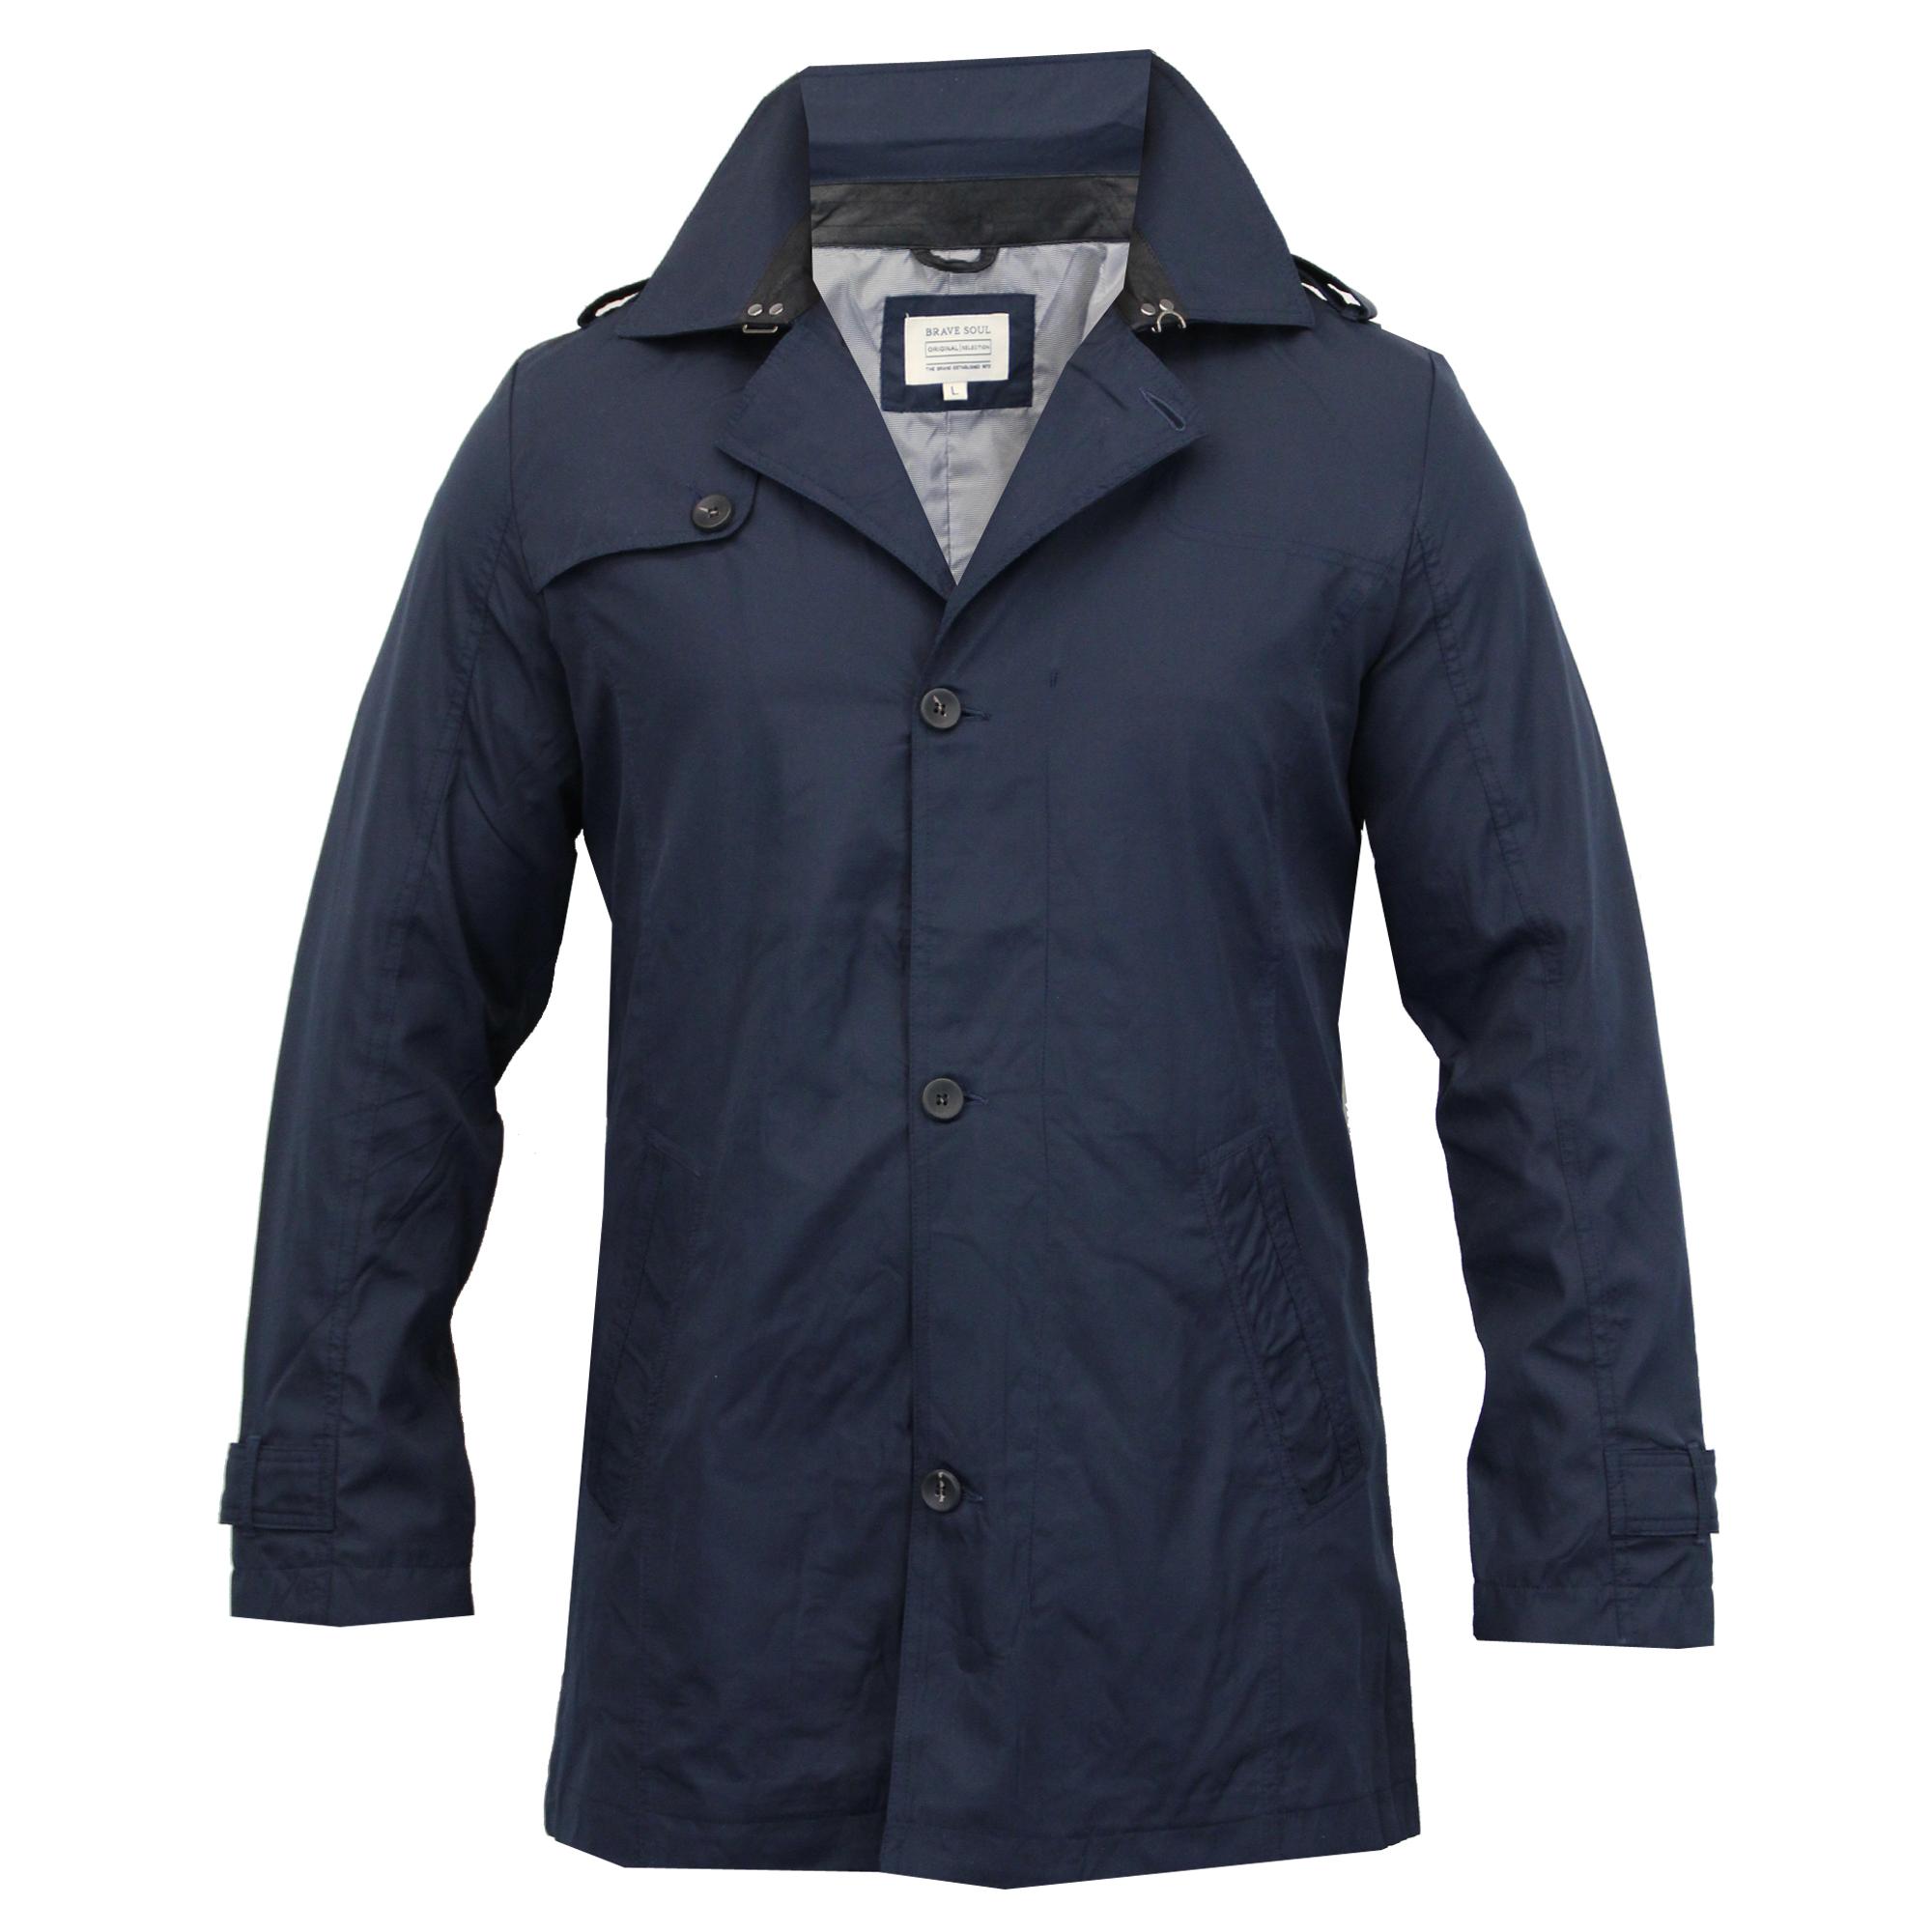 Homme brave soul veste col manteau trench bouton paulette ext rieure doubl d contract smart - Veste homme decontracte ...